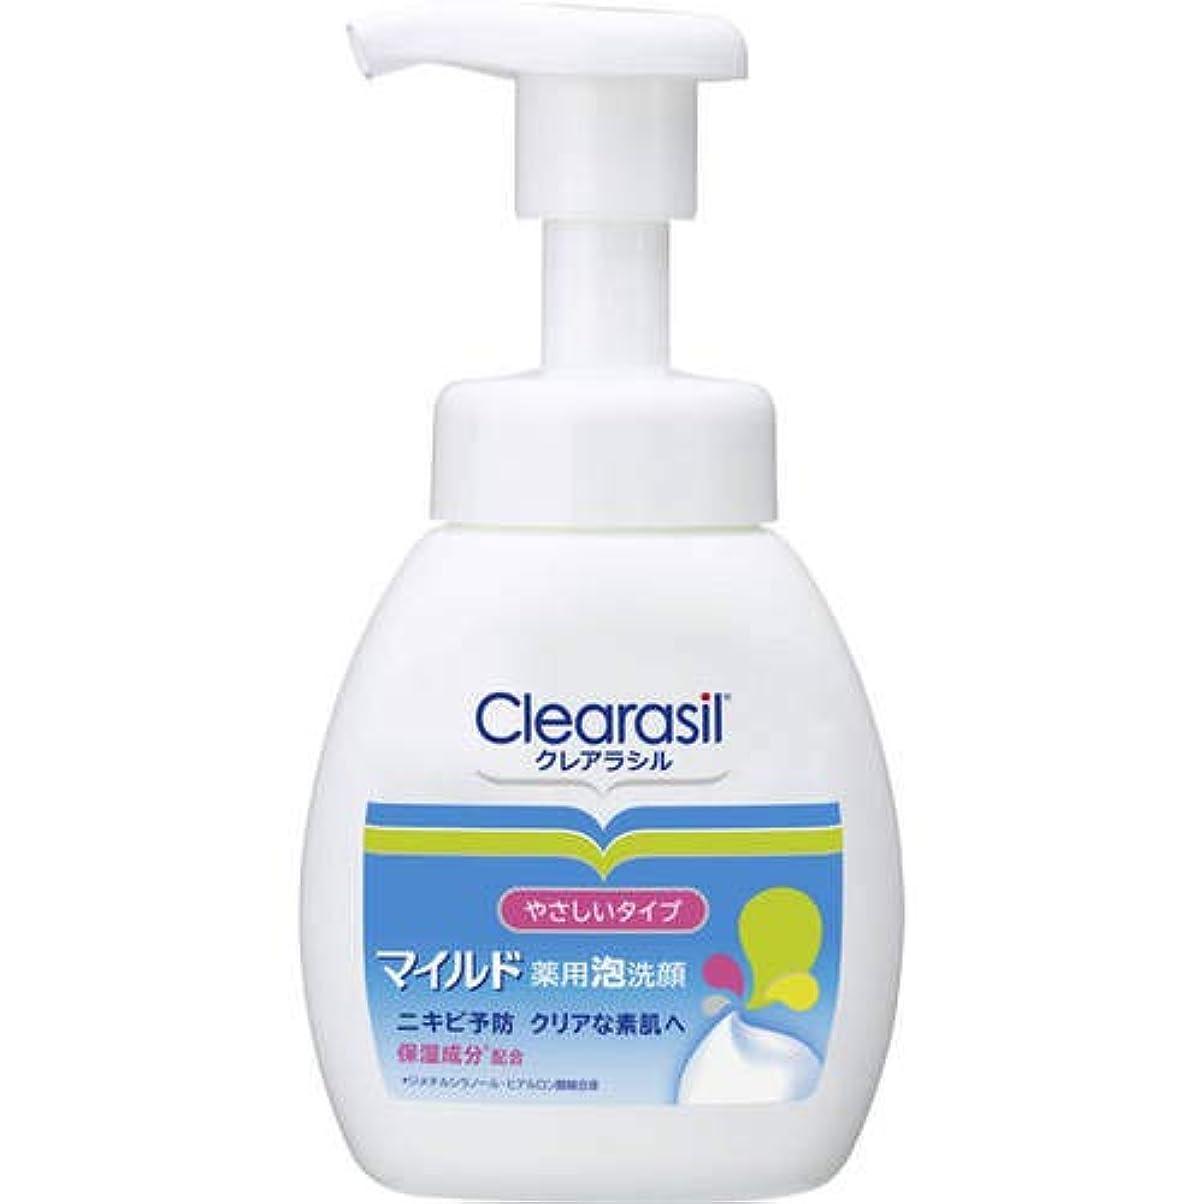 ペインティング論文ラベクレアラシル 薬用 泡洗顔フォーム マイルドタイプ 200ml